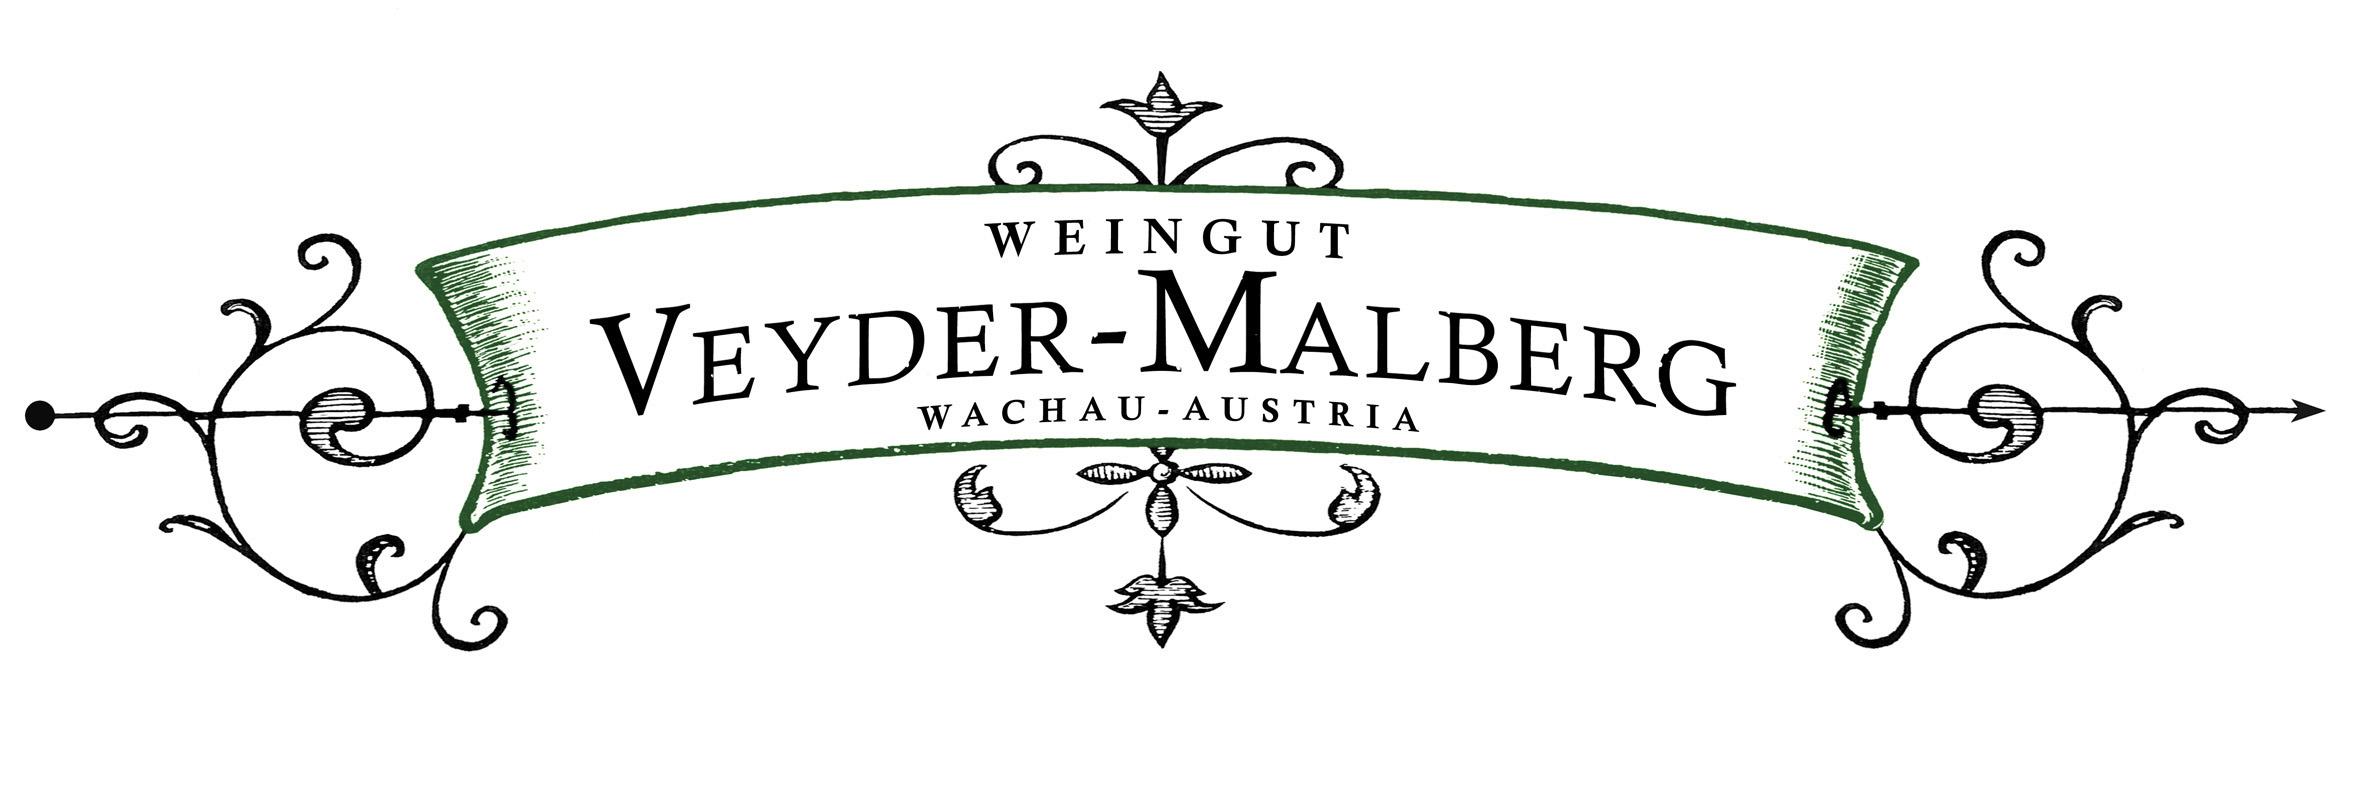 Weingut Veyder-Malberg